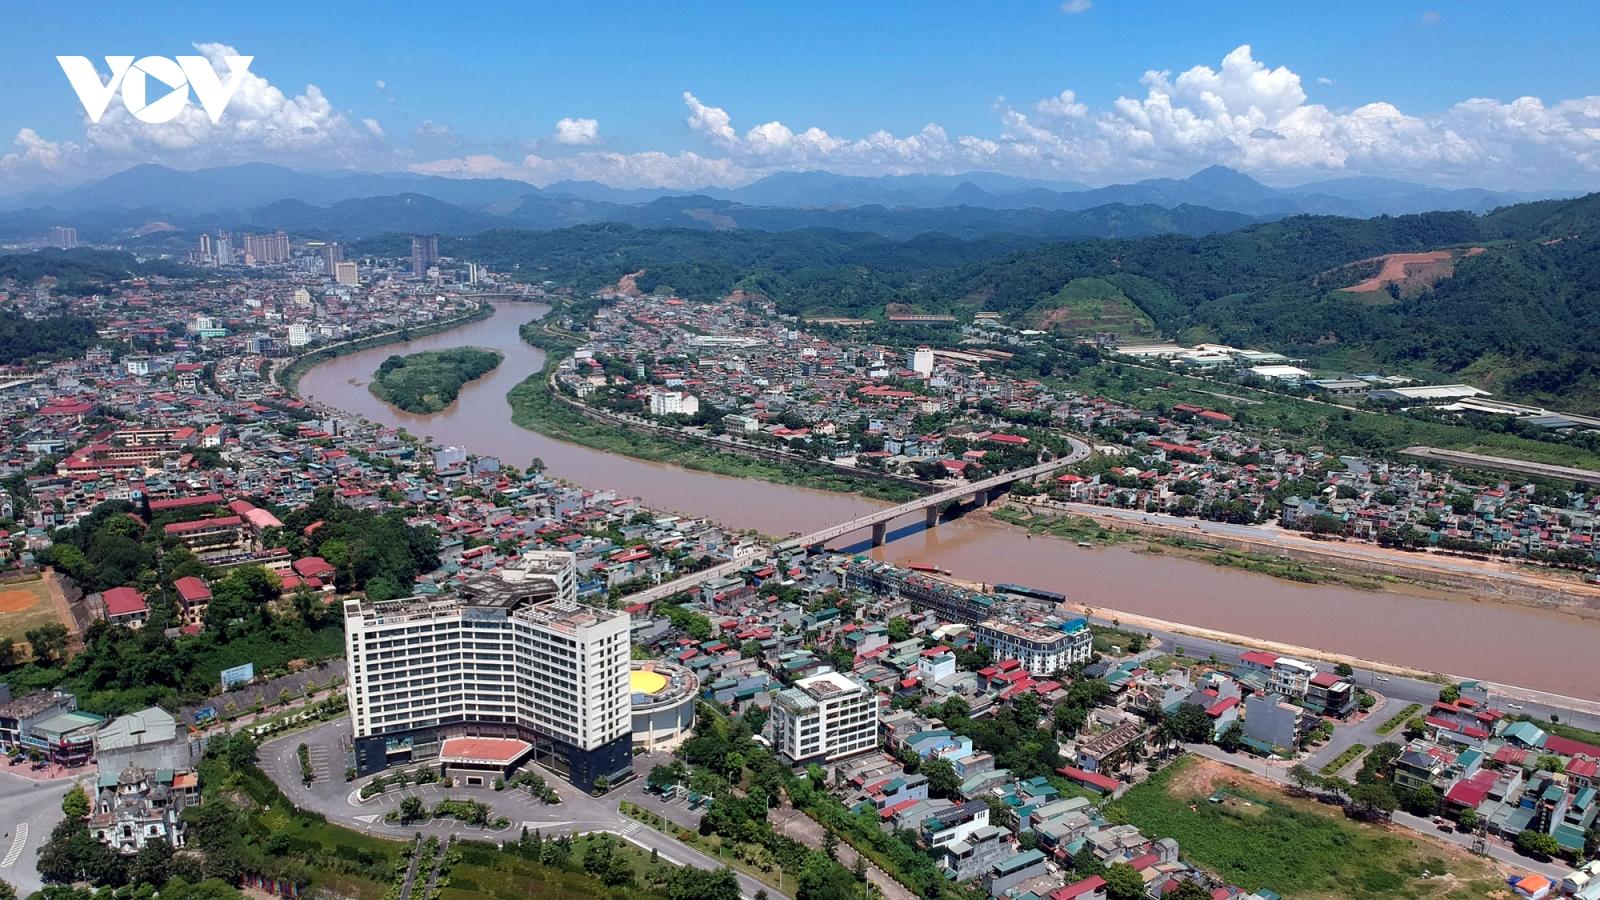 """30 năm tái lập tỉnh Lào Cai: Từ """"vành đai trắng"""" trở thành tỉnh phát triển"""